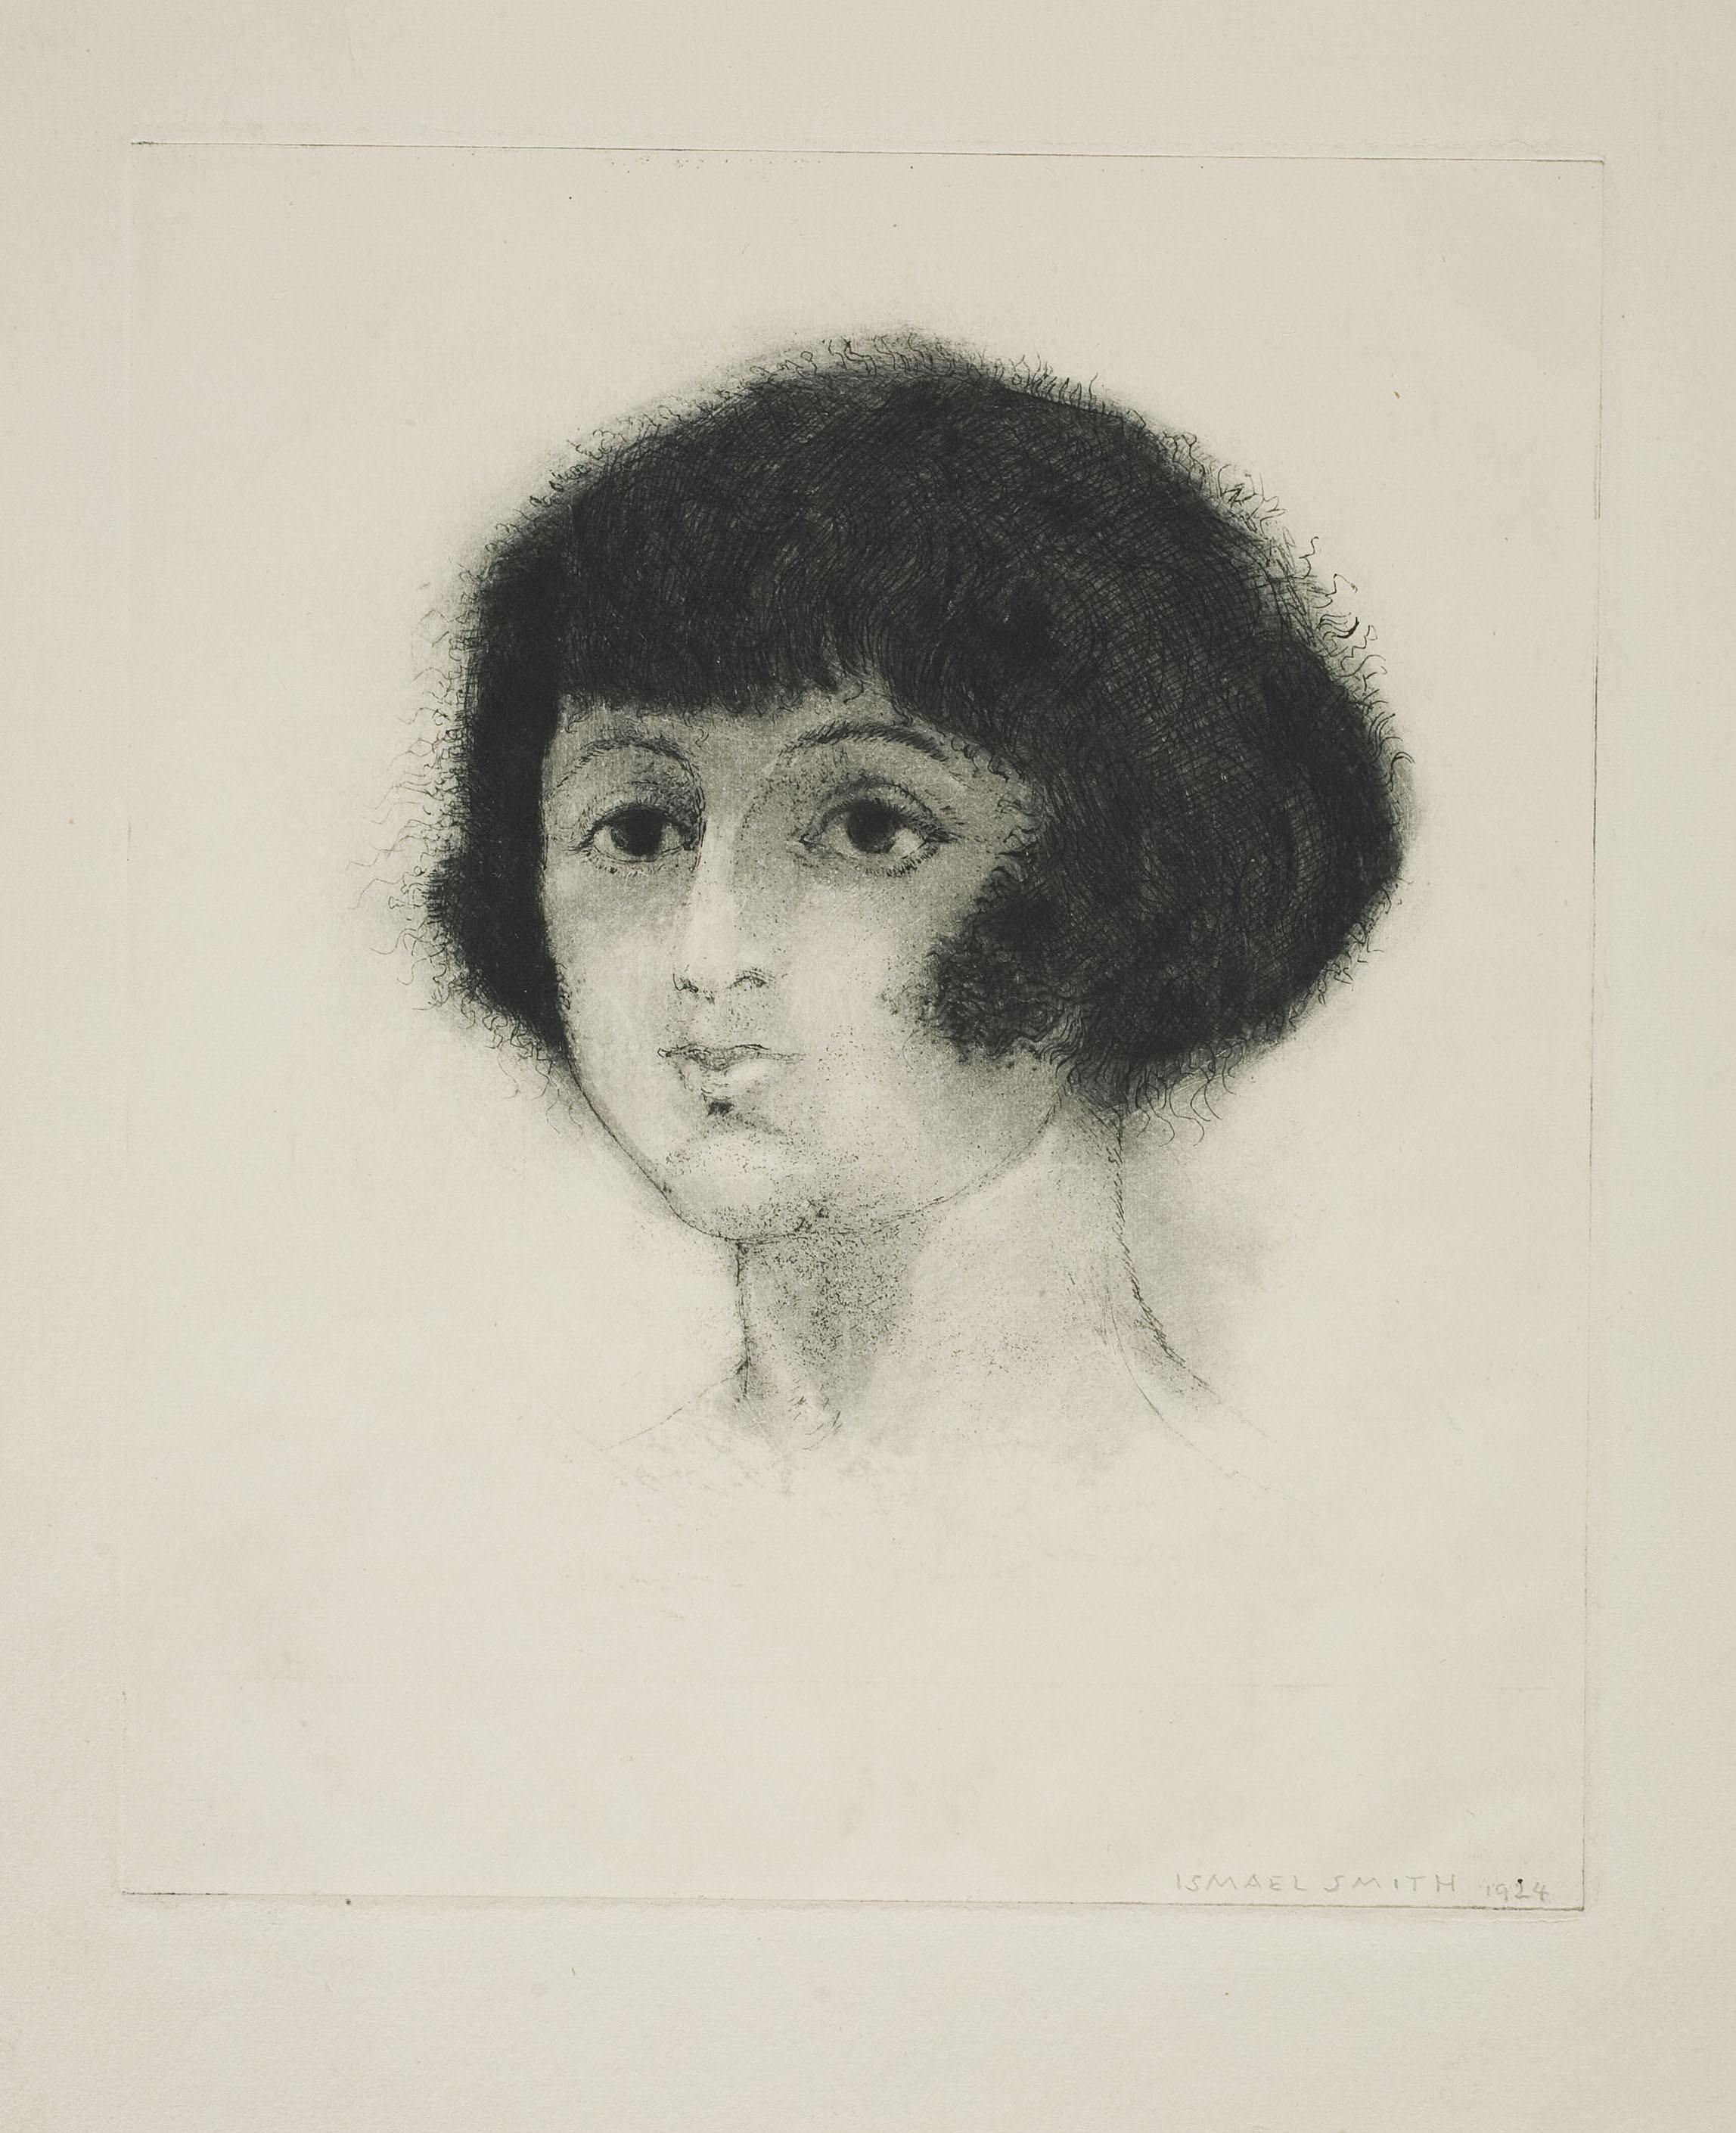 Ismael Smith - Cap de noia - Cap a 1924-1925